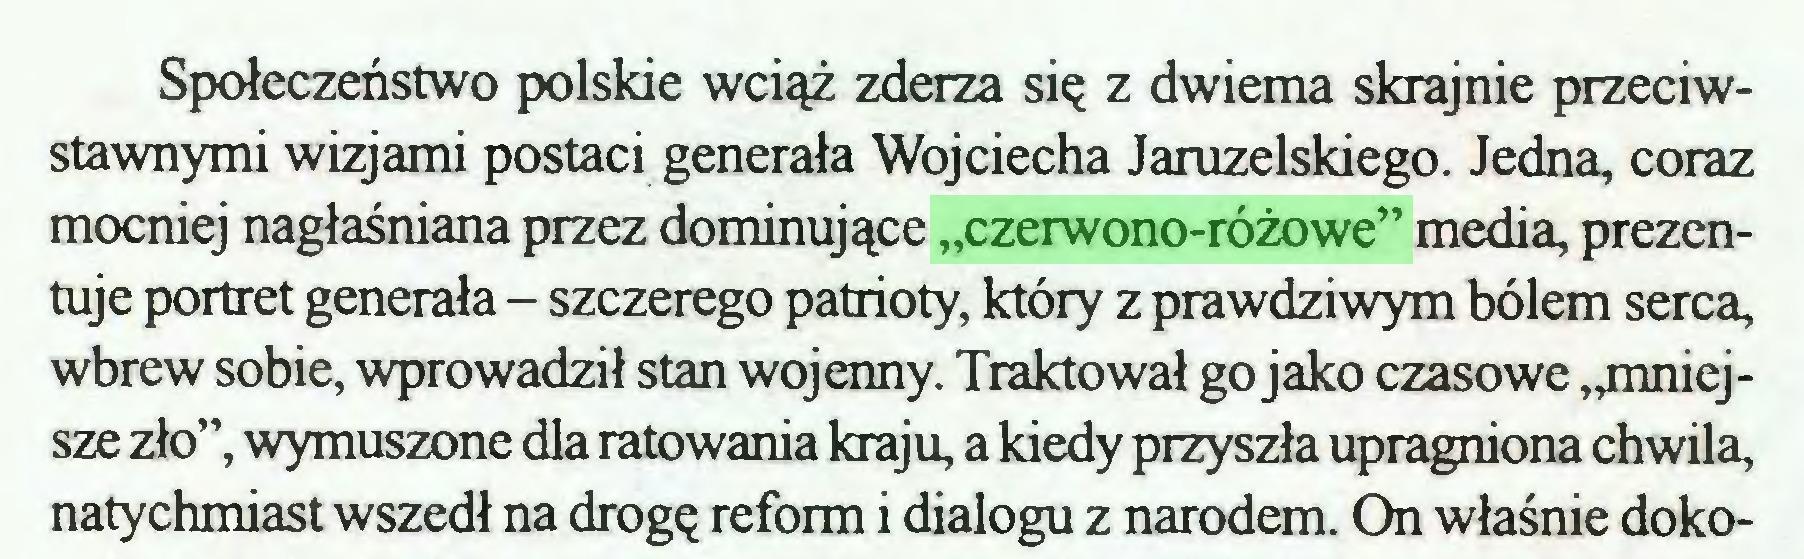 """(...) Społeczeństwo polskie wciąż zderza się z dwiema skrajnie przeciwstawnymi wizjami postaci generała Wojciecha Jaruzelskiego. Jedna, coraz mocniej nagłaśniana przez dominujące """"czerwono-różowe"""" media, prezentuje portret generała - szczerego patrioty, który z prawdziwym bólem serca, wbrew sobie, wprowadził stan wojenny. Traktował go jako czasowe """"mniejsze zło"""", wymuszone dla ratowania kraju, a kiedy przyszła upragniona chwila, natychmiast wszedł na drogę reform i dialogu z narodem. On właśnie doko..."""